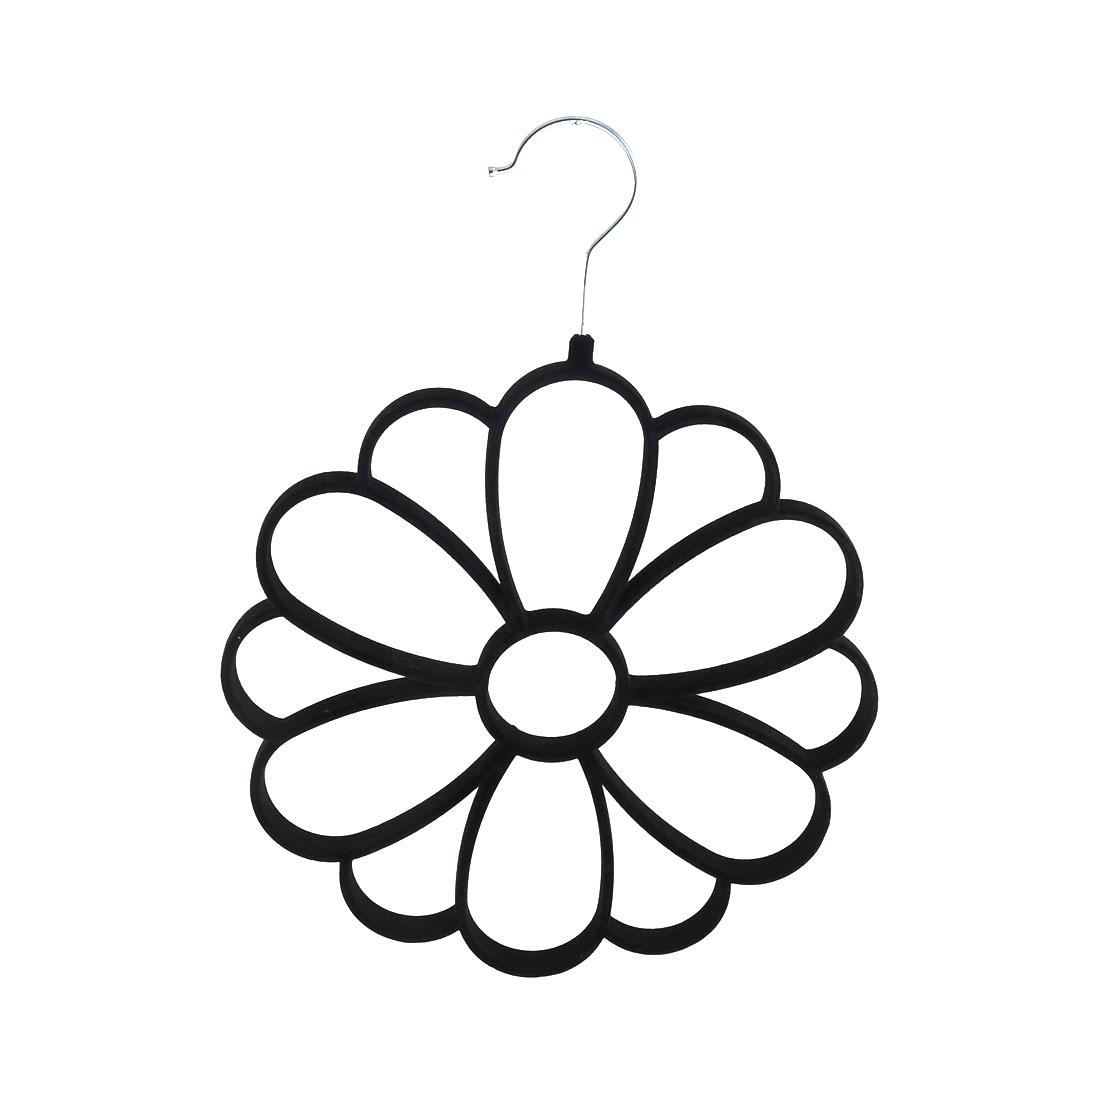 Household Velvet Chrysanthemum Shaped Necktie Belt Scarf Holder Rack Organizer Black